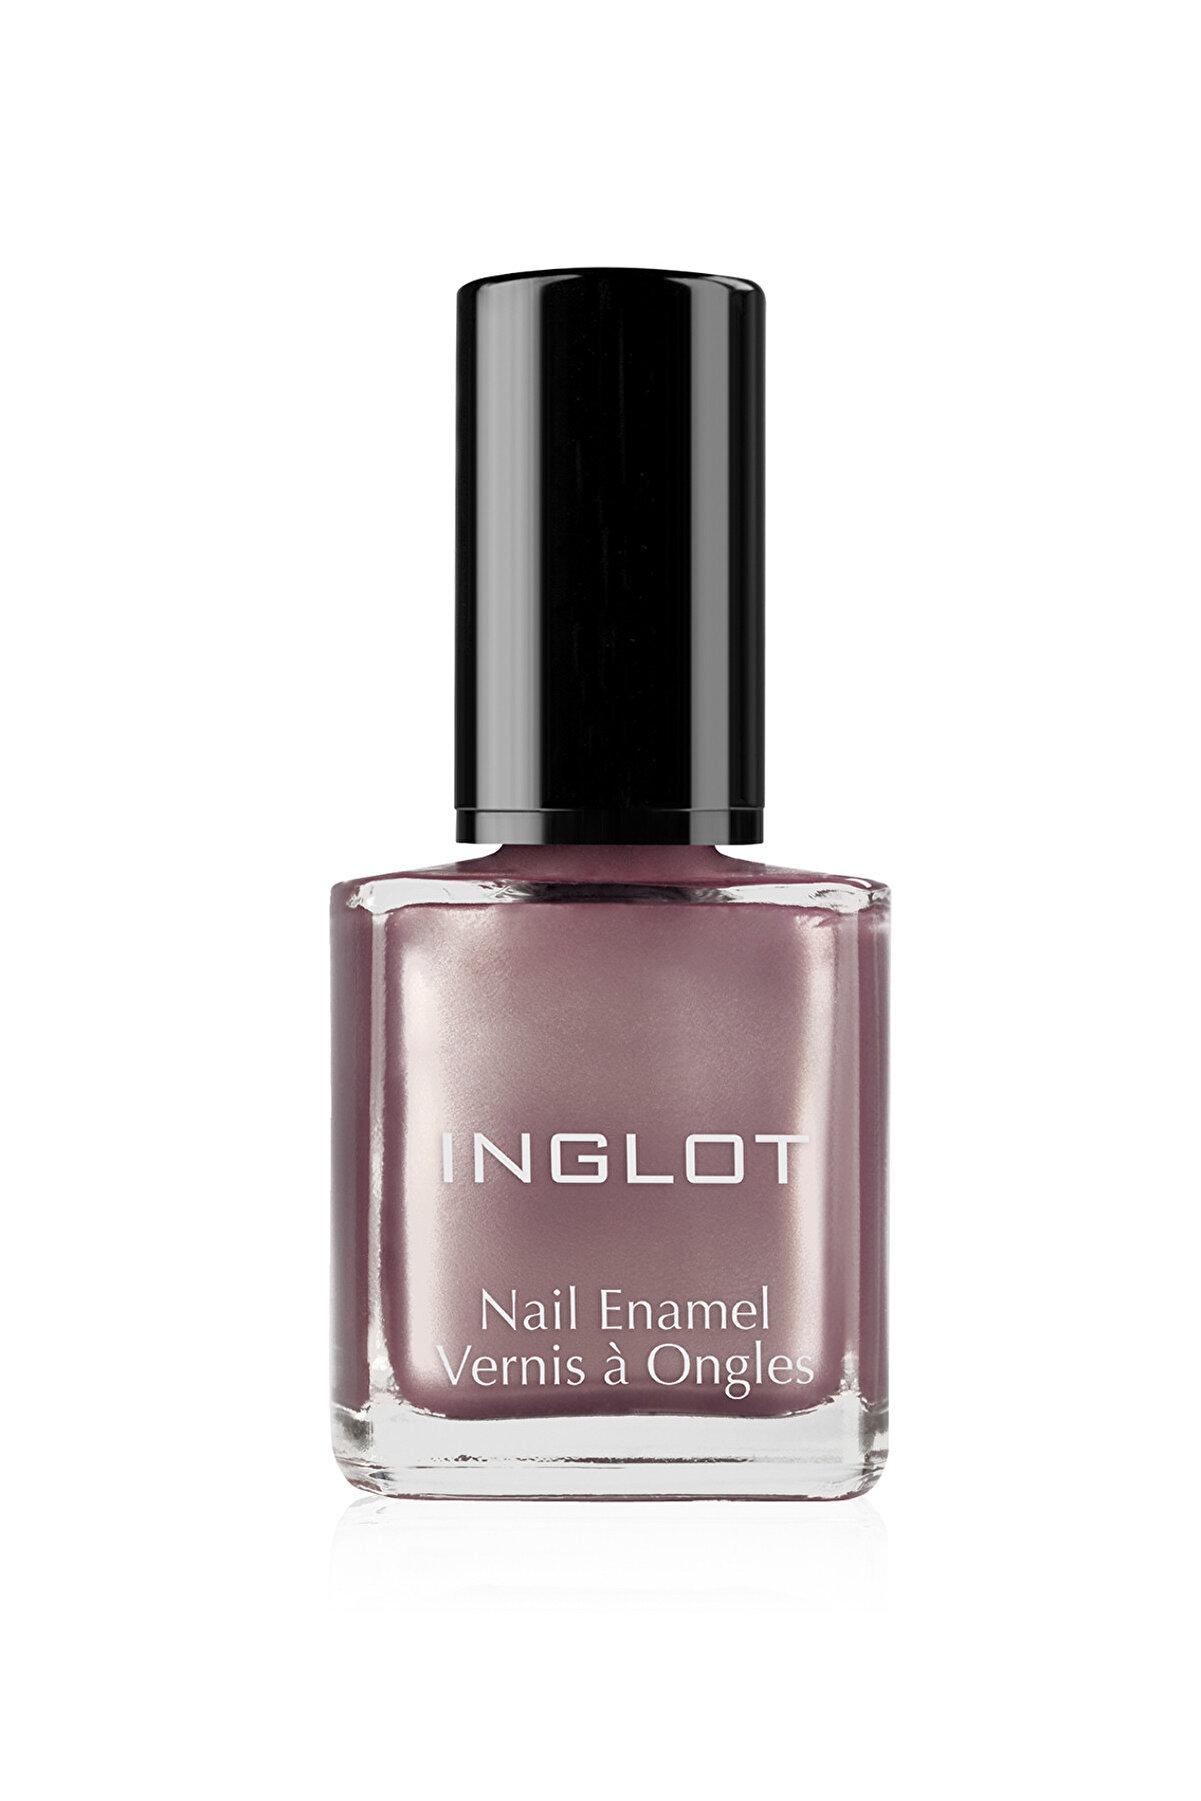 Inglot Oje - Nail Enamel 133 15 ml 5907587111332